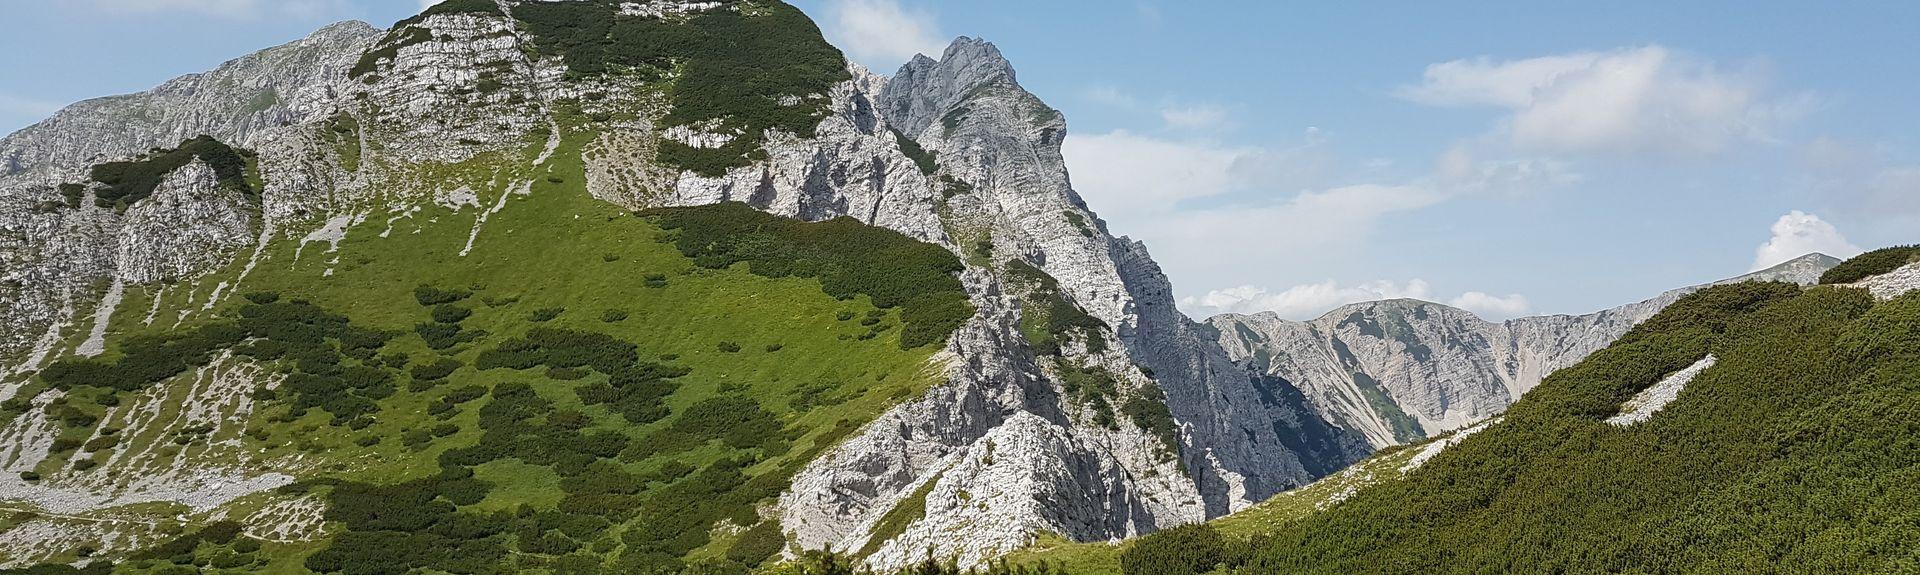 Pörtschach am Wörthersee, Austria